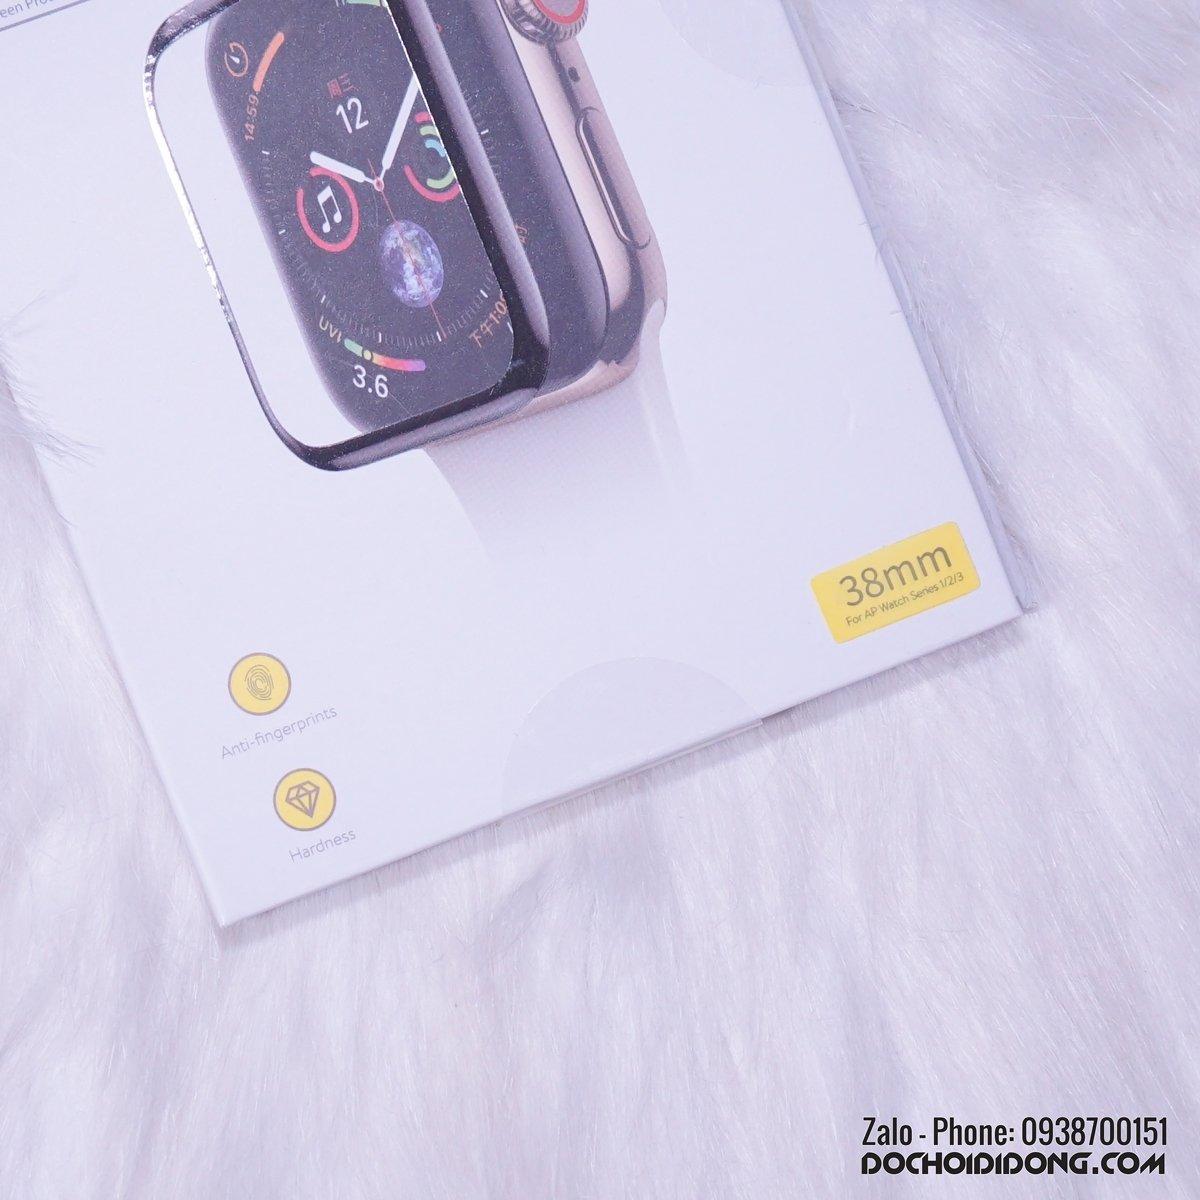 mieng-dan-cuong-luc-deo-polyme-danh-cho-dong-ho-apple-watch-38-40-42-44mm-hieu-baseus